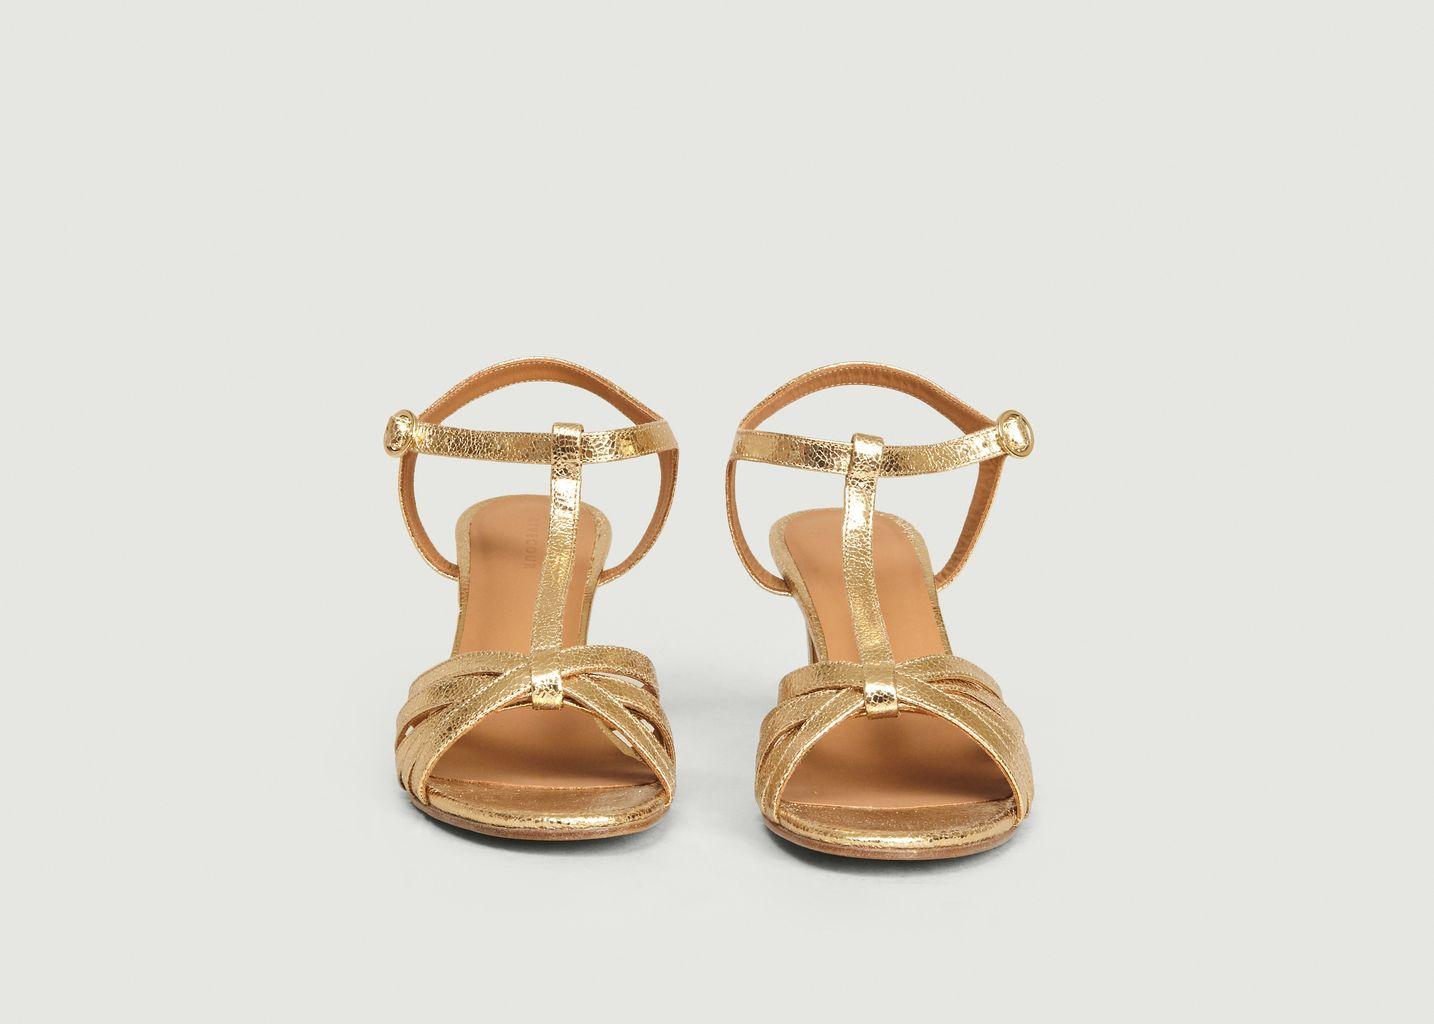 Sandales en cuir craquelé n°22 - Rivecour